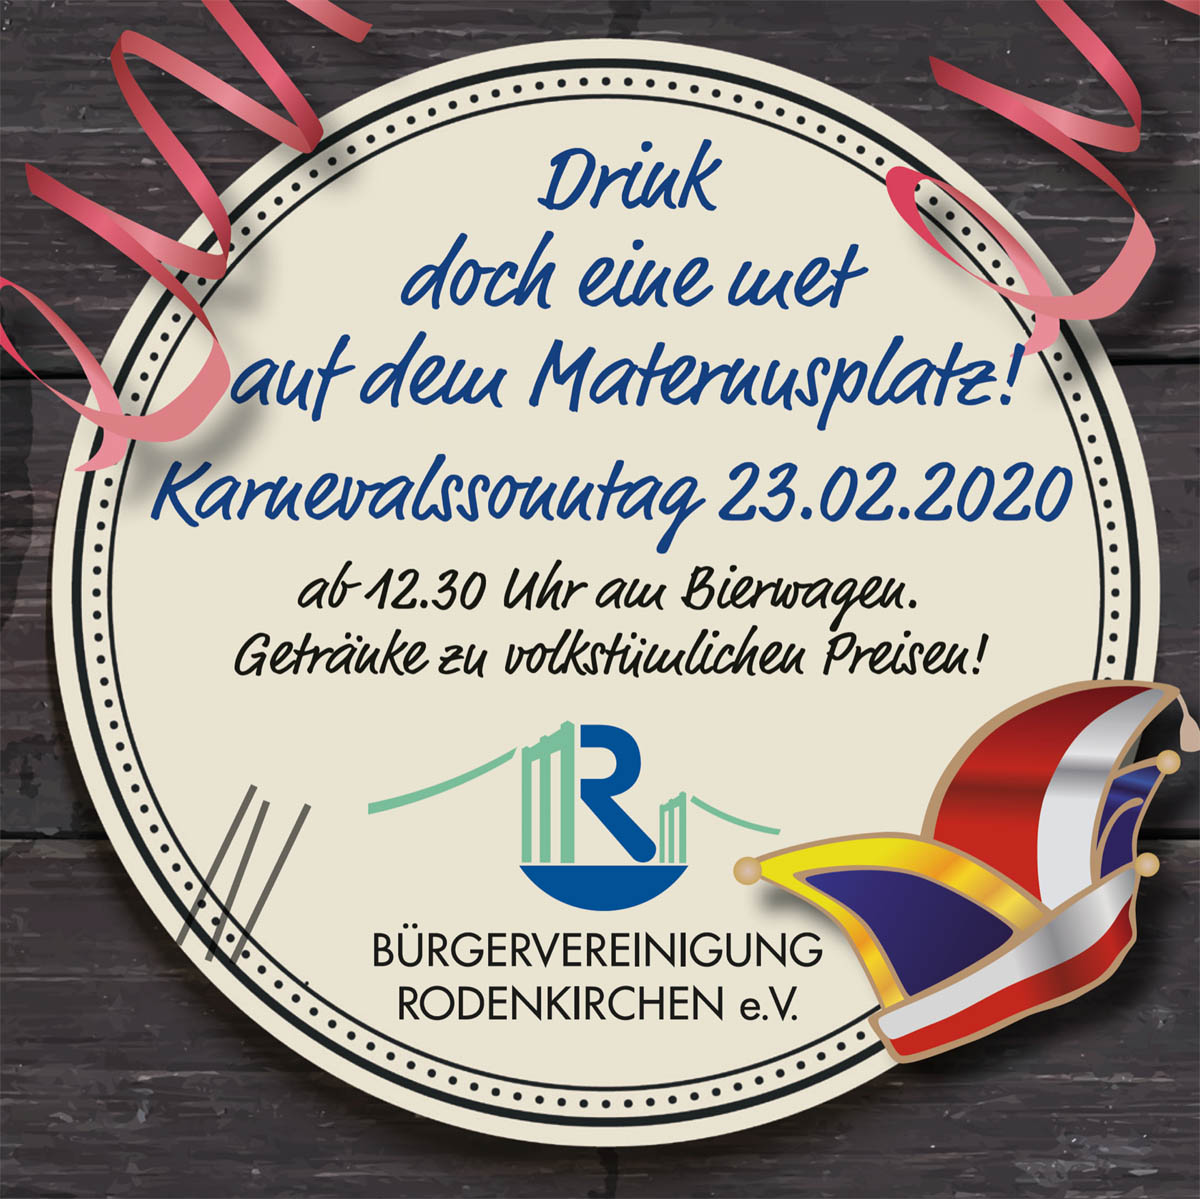 Karneval in Rodenkirchen: Bürgervereinigung mit Bierwagen am Maternusplatz